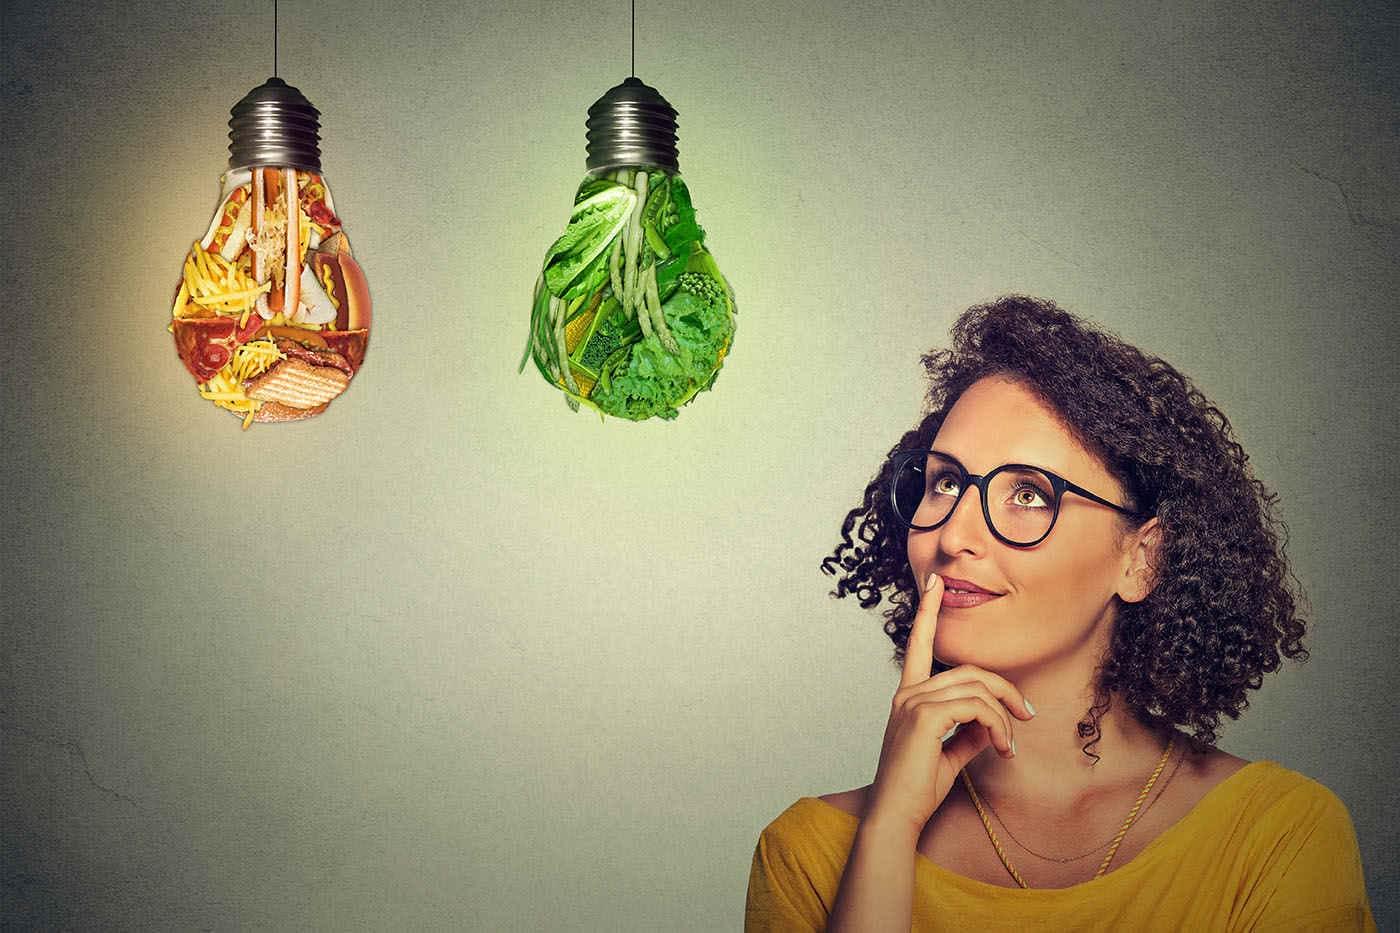 Poate o dietă vegană să îți afecteze inteligența?